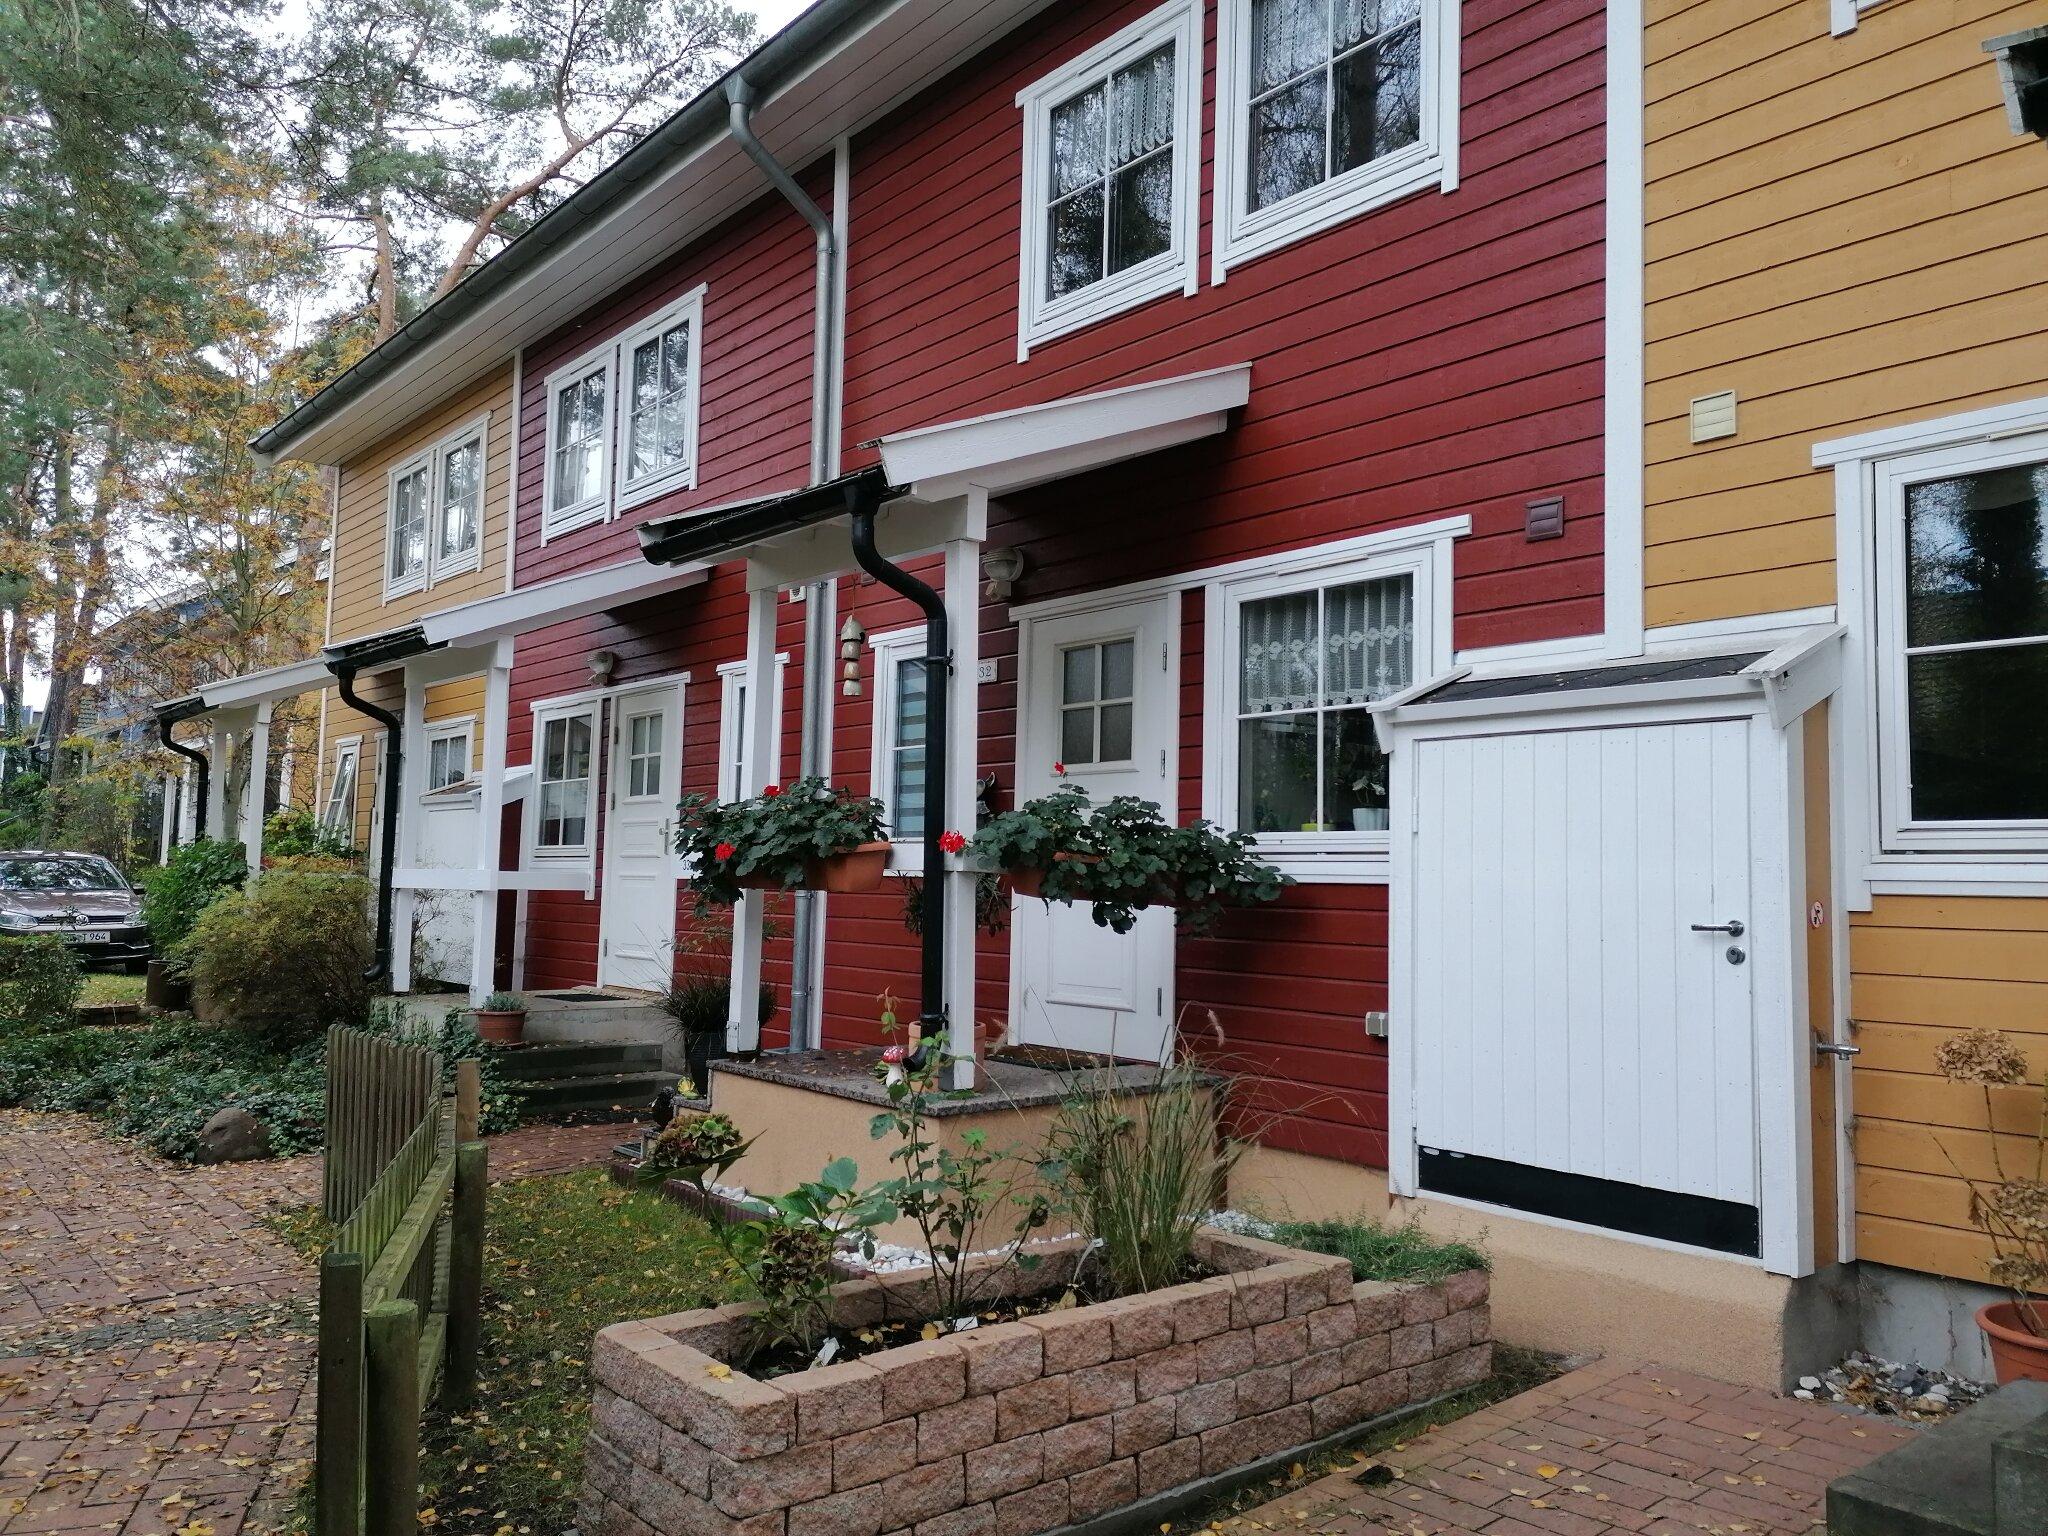 Gartenseite der Häuser